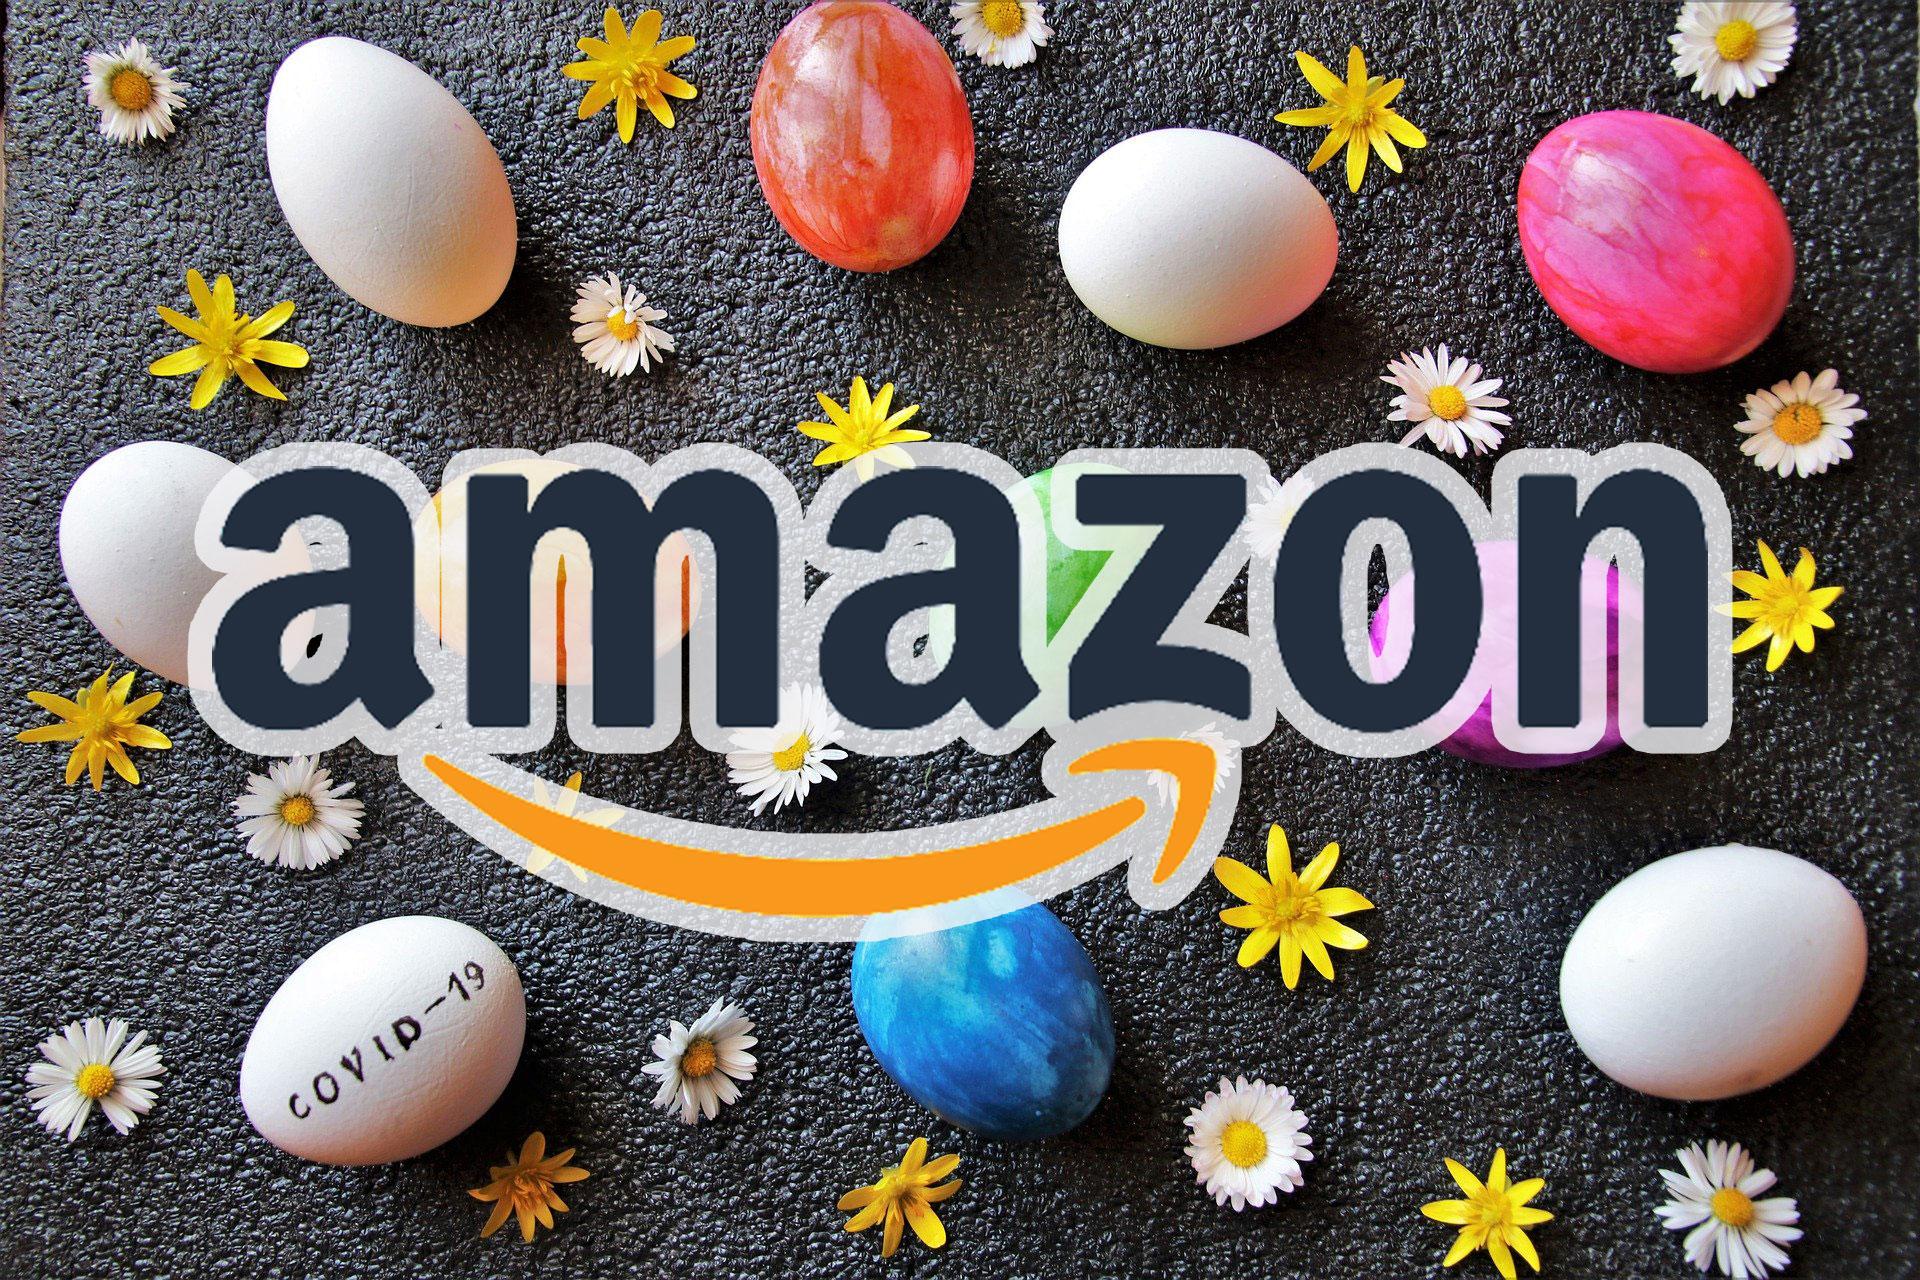 世界でコロナウイルスが流行っている中、Amazonの株価は史上最高値に近づく!